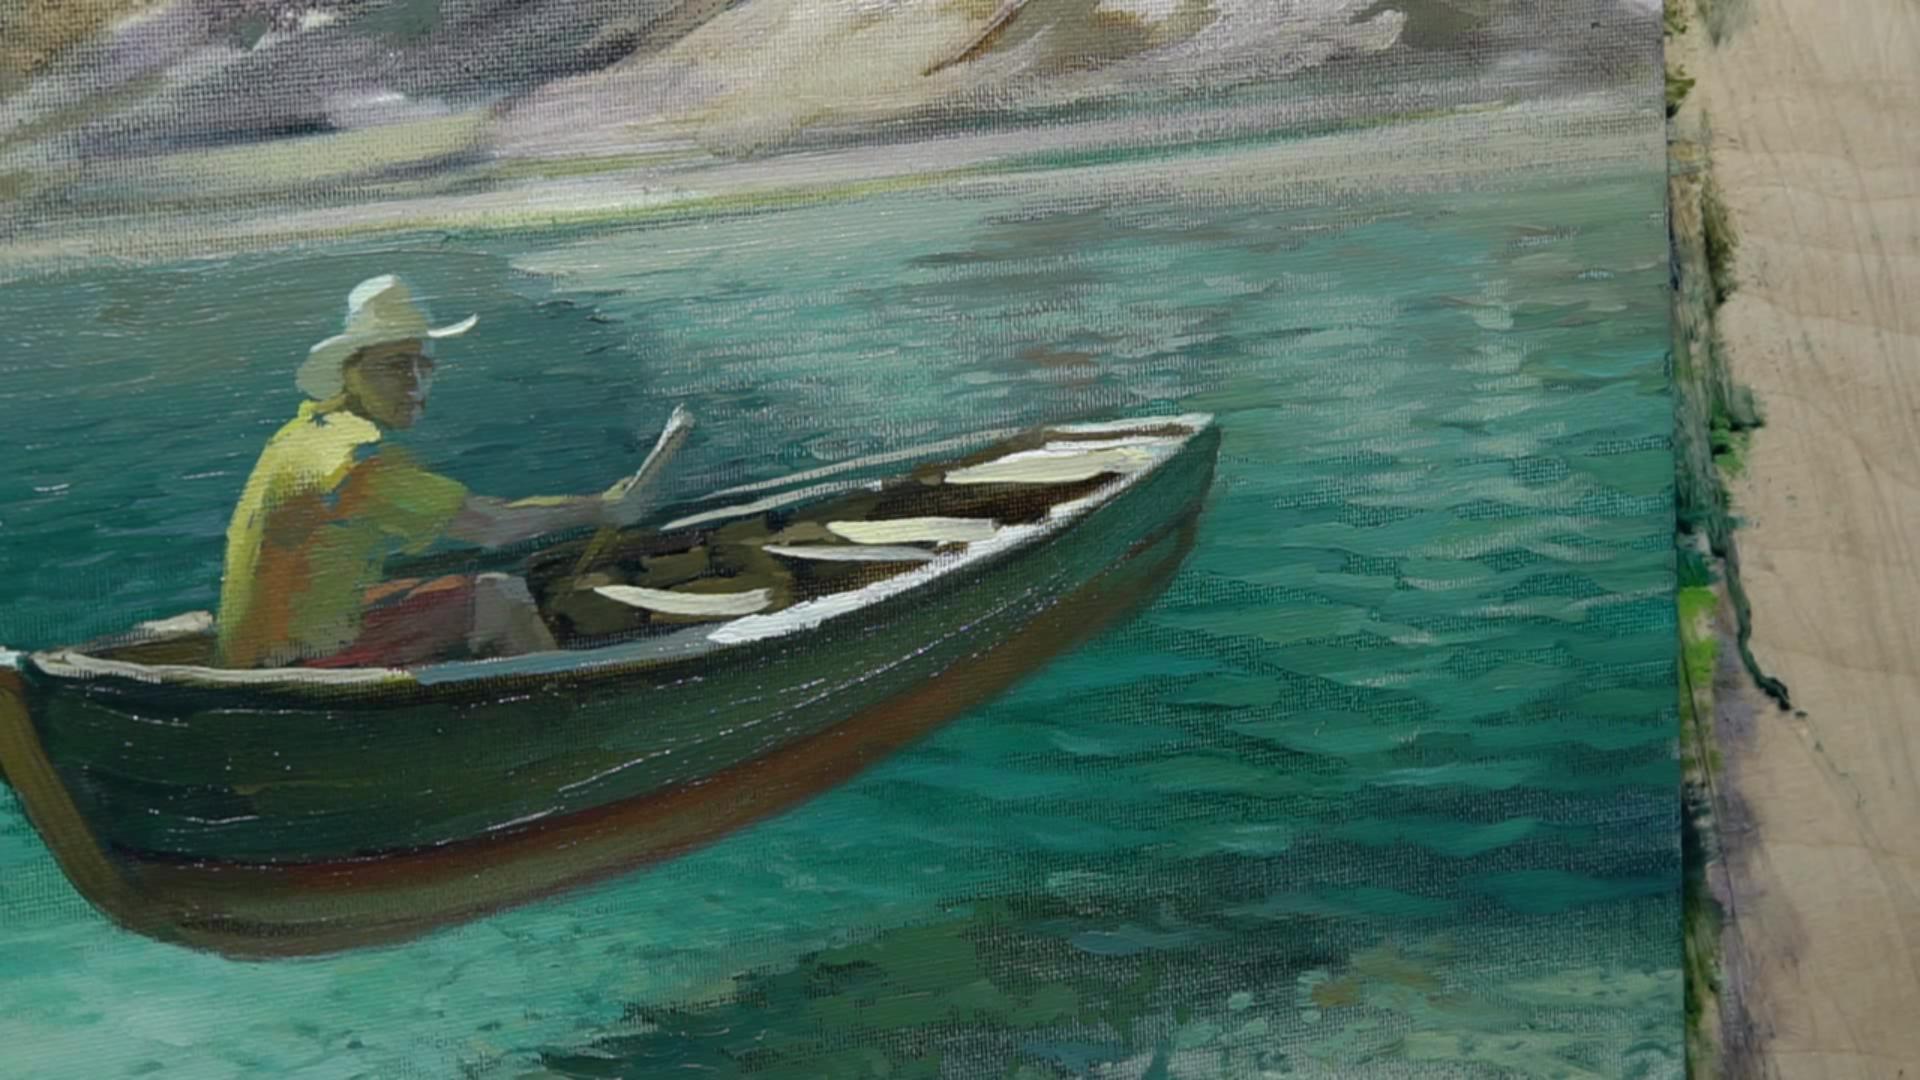 007 Живопись маслом_Летающая лодка